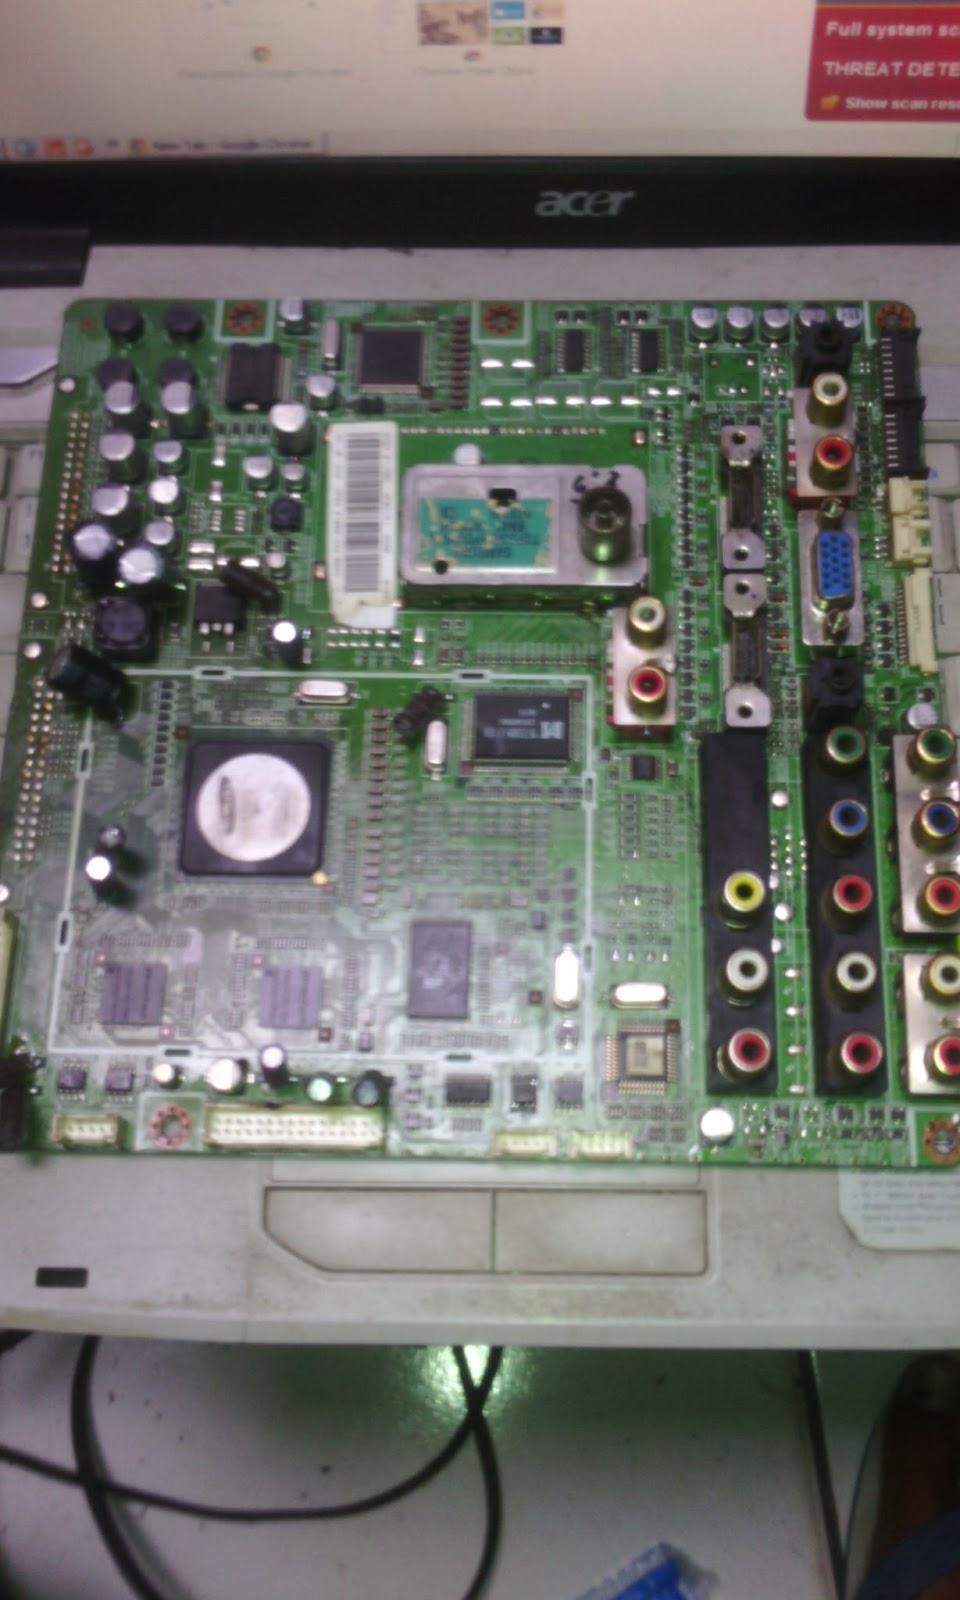 Harga Jual Monitor Crt Baru Perbedaan Tv Lcd Led Dan Plasma Tuner Gadmei 3810 For Crtlcd Samsung Dengan Kerusakan Gambar Blank Screenputih